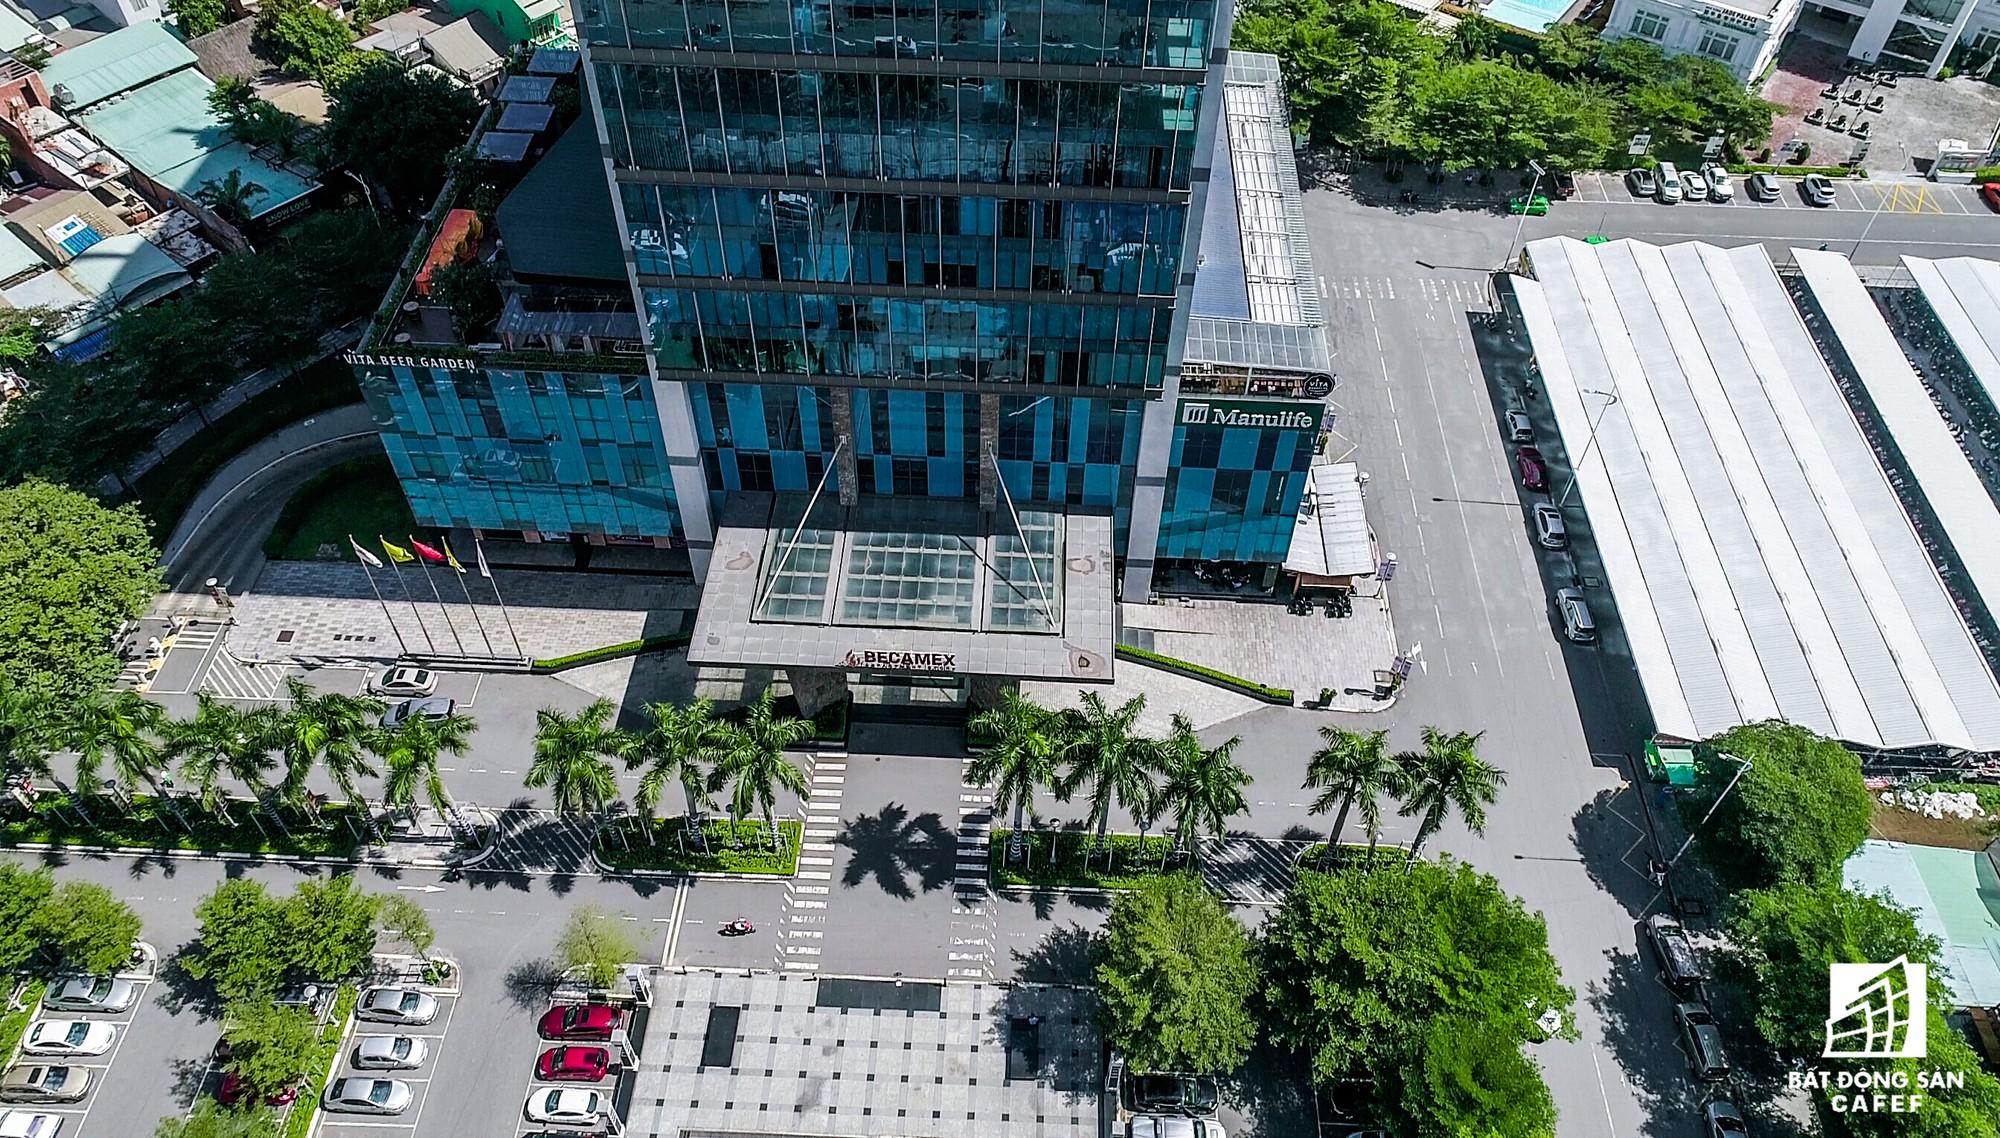 Được xây dựng ngay mặt tiền Đại lộ Bình Dương, nằm cách thành phố mới Bình Dương khoảng 7km, Tổ hợp Becamex Tower đang là khu nhà ở quy mô nhất tỉnh Bình Dương. Bên cạnh là các khu công nghiệp VSIP cũng của doanh nghiệp này đầu tư.